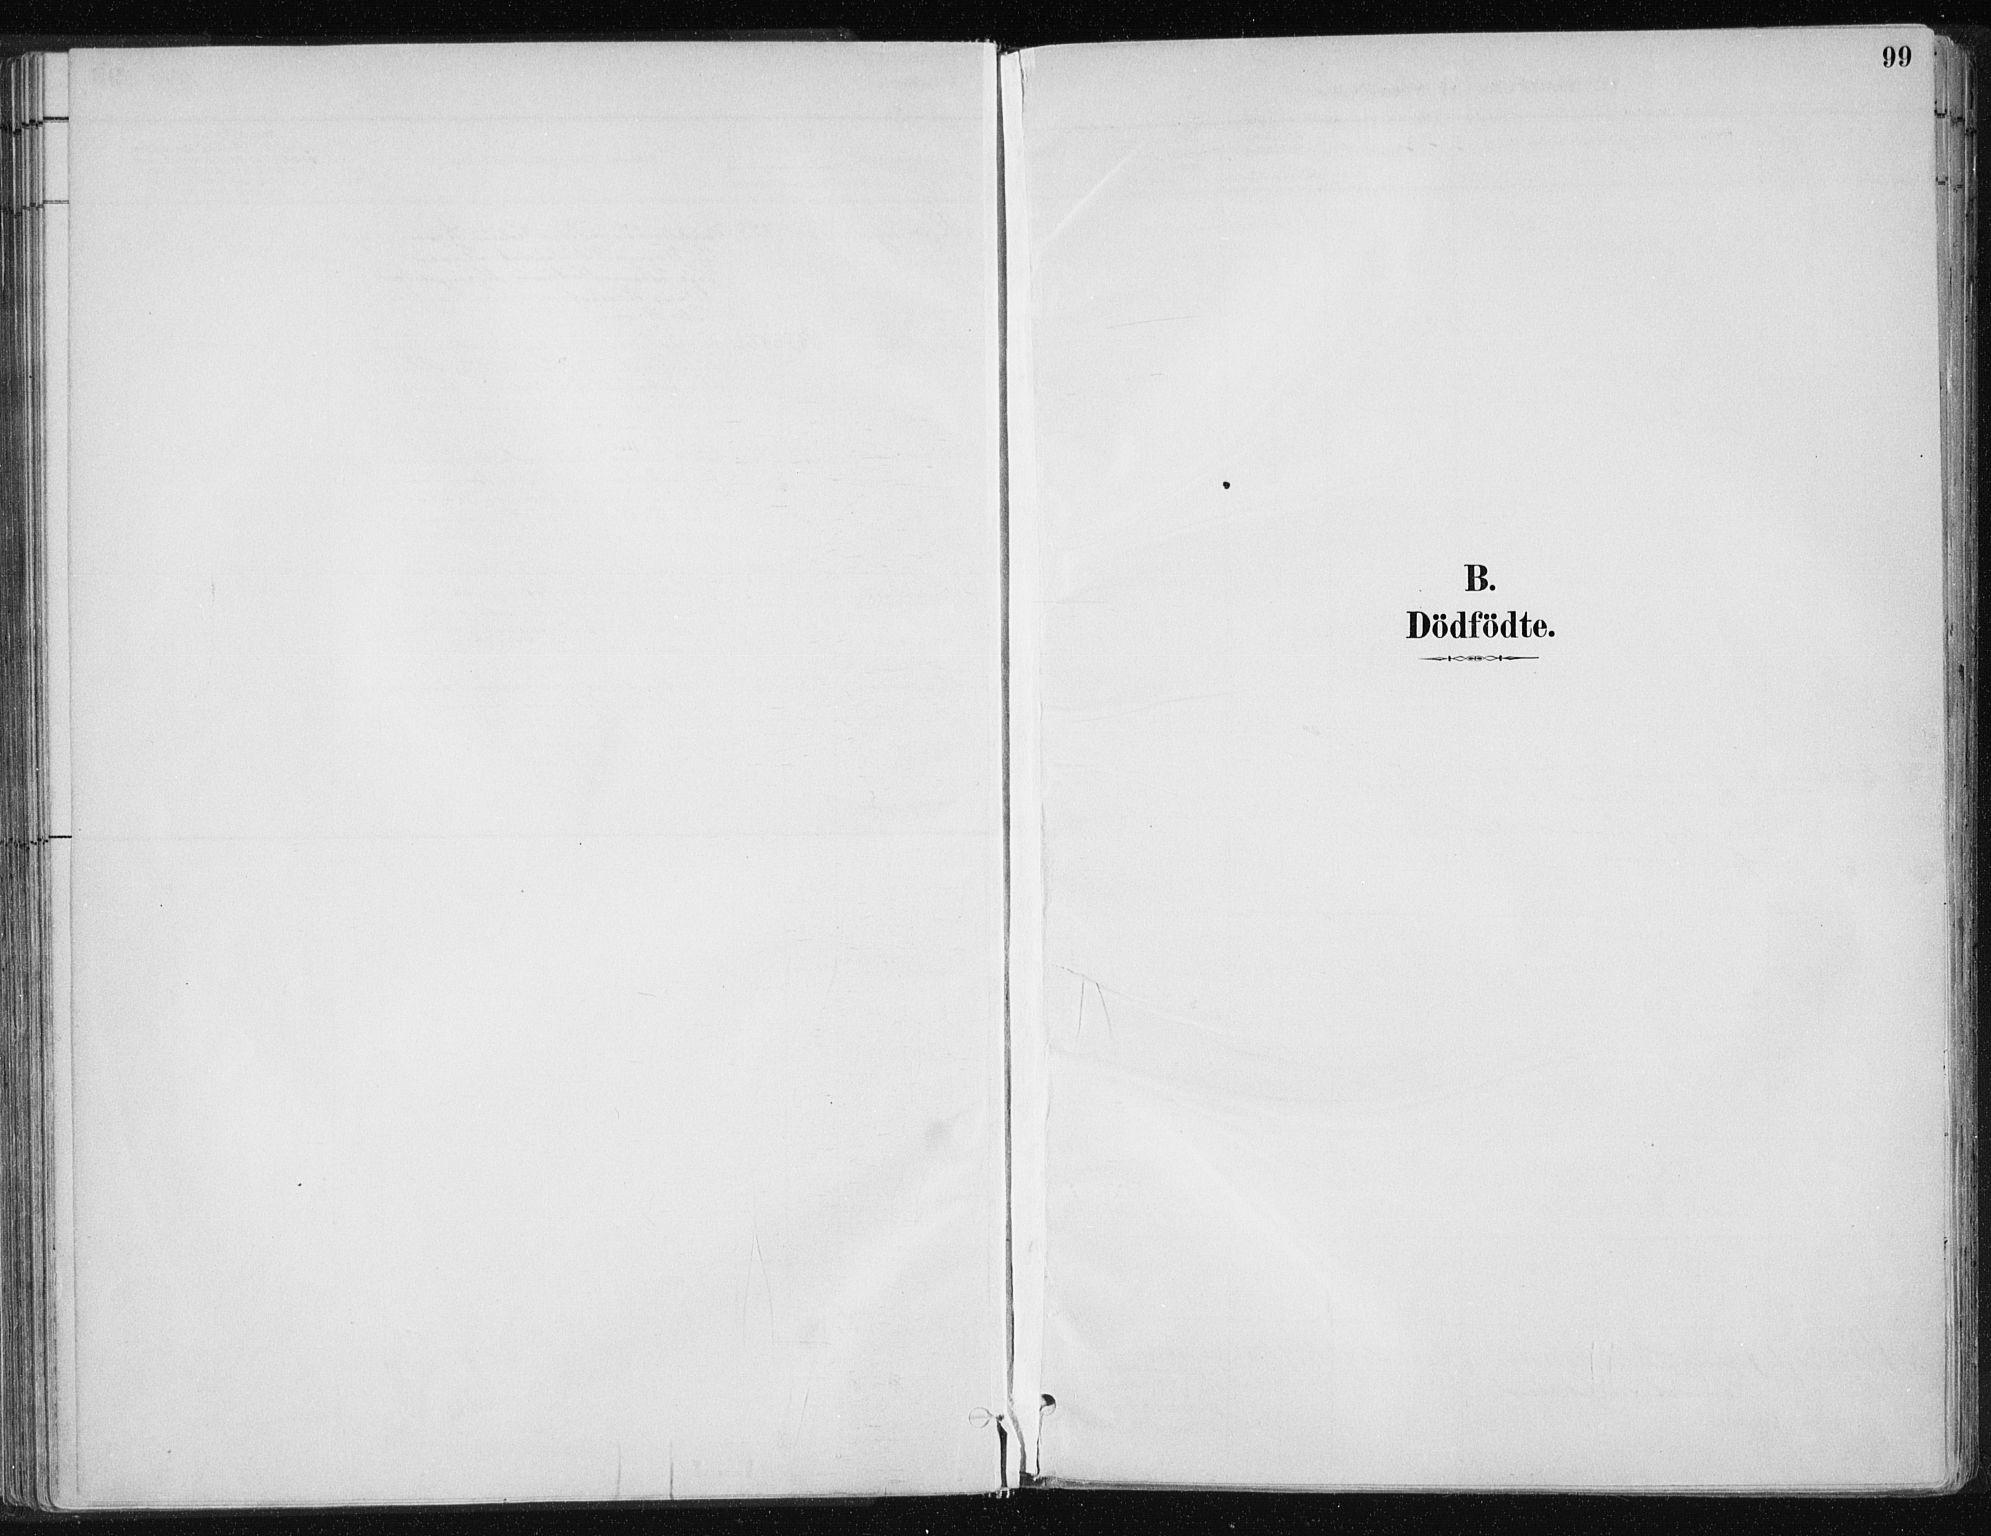 SAT, Ministerialprotokoller, klokkerbøker og fødselsregistre - Nord-Trøndelag, 701/L0010: Parish register (official) no. 701A10, 1883-1899, p. 99